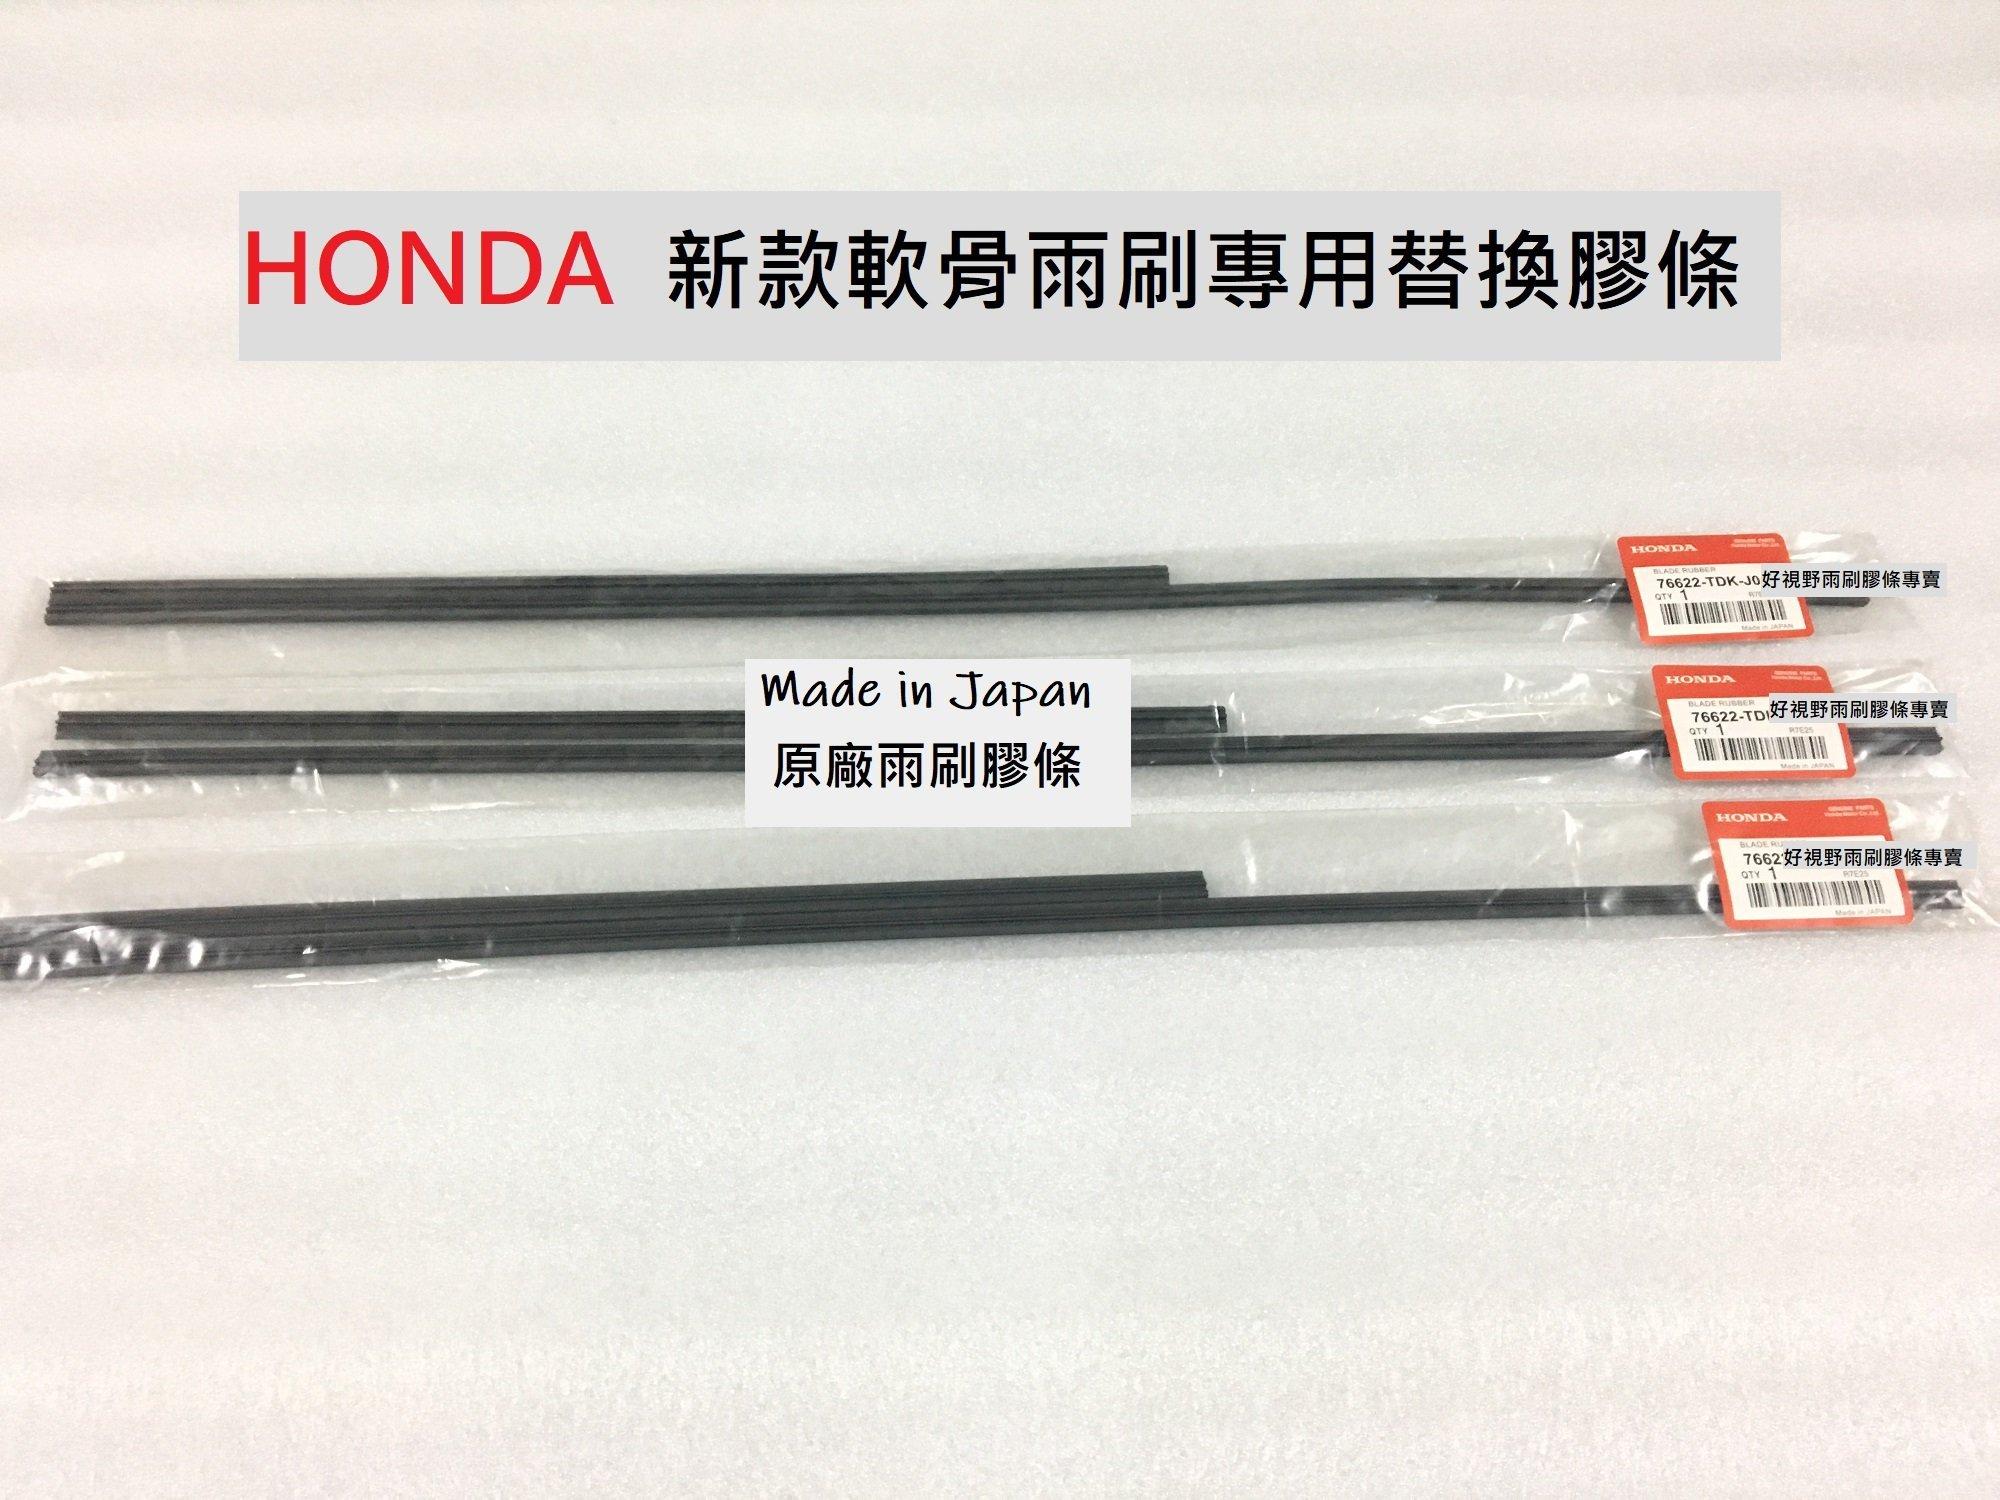 本田 HONDA CR-V5 CRV5 CRV 5 HRV  日本進口 原廠雨刷 替條膠條 雨刷膠條 雨刷皮 雨刷片